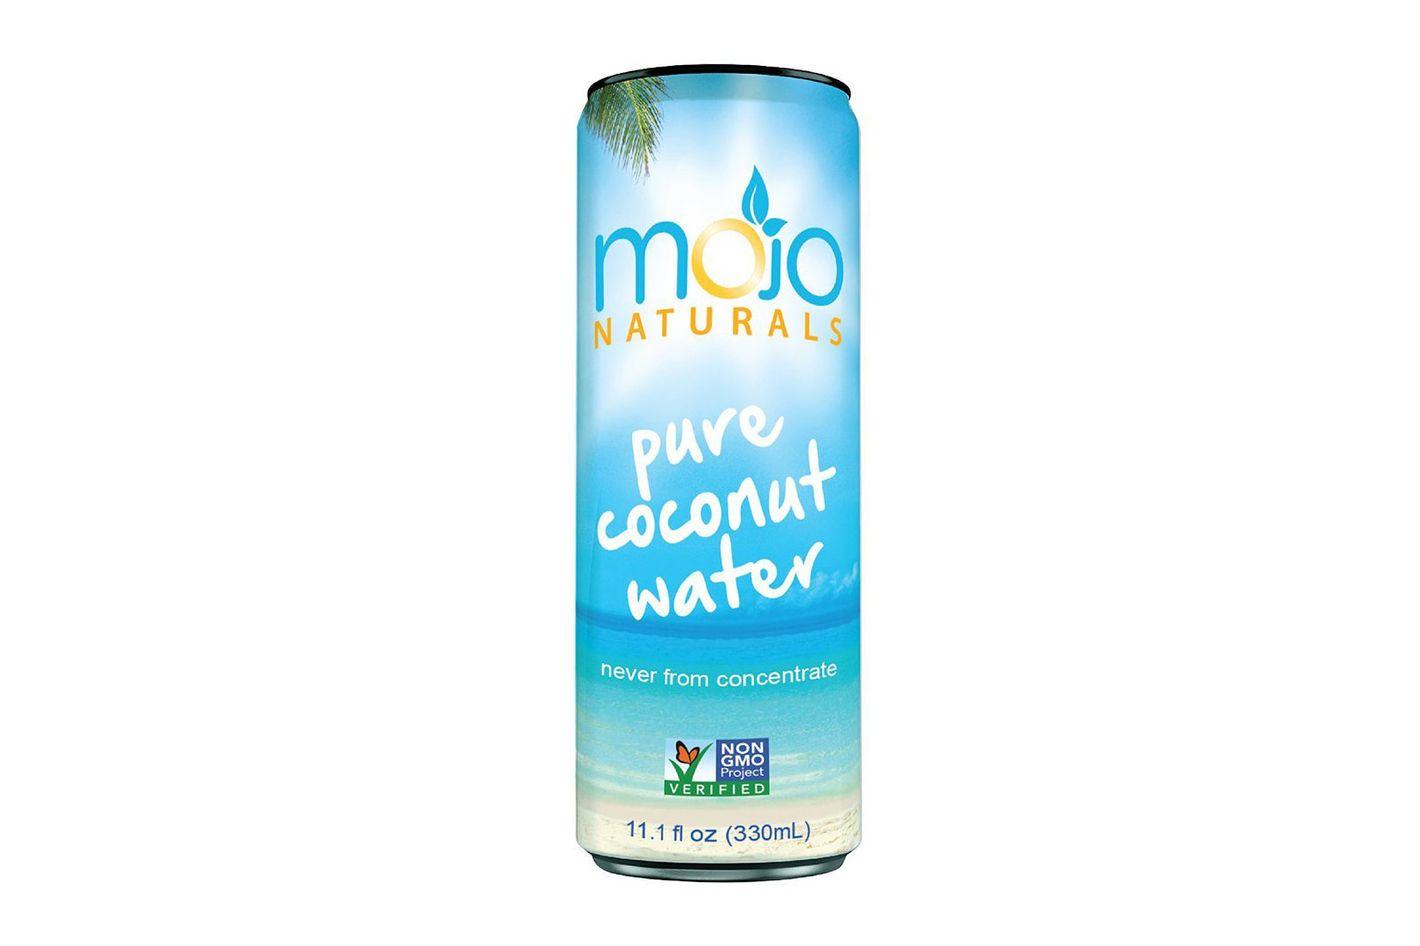 Mojo Naturals Pure Coconut Water